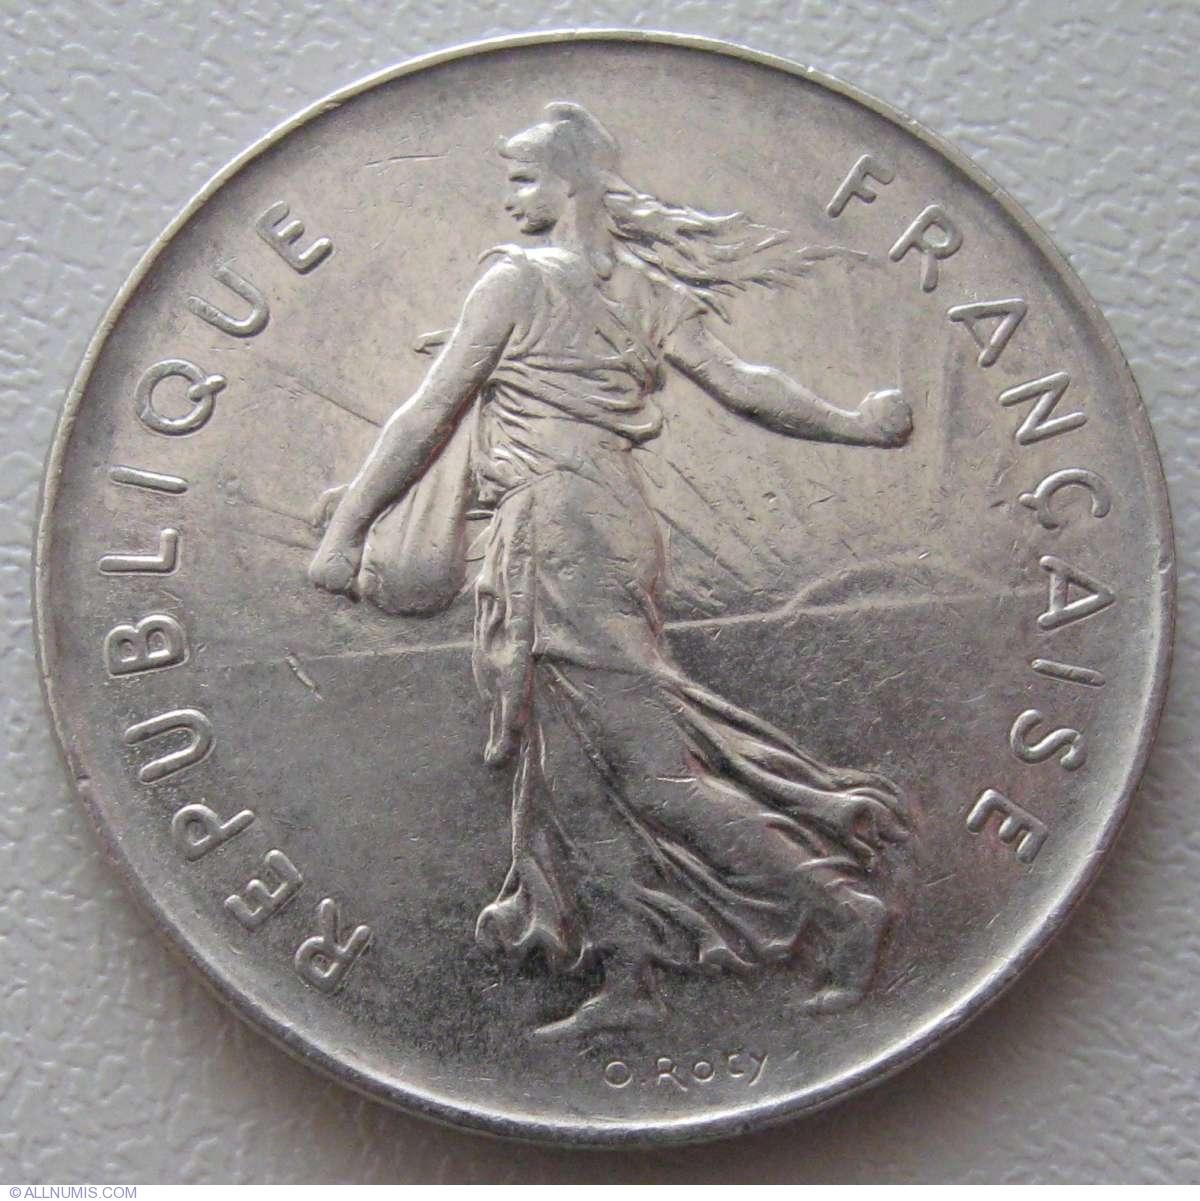 5 Francs 1978 Fifth Republic 1971 1985 France Coin 935